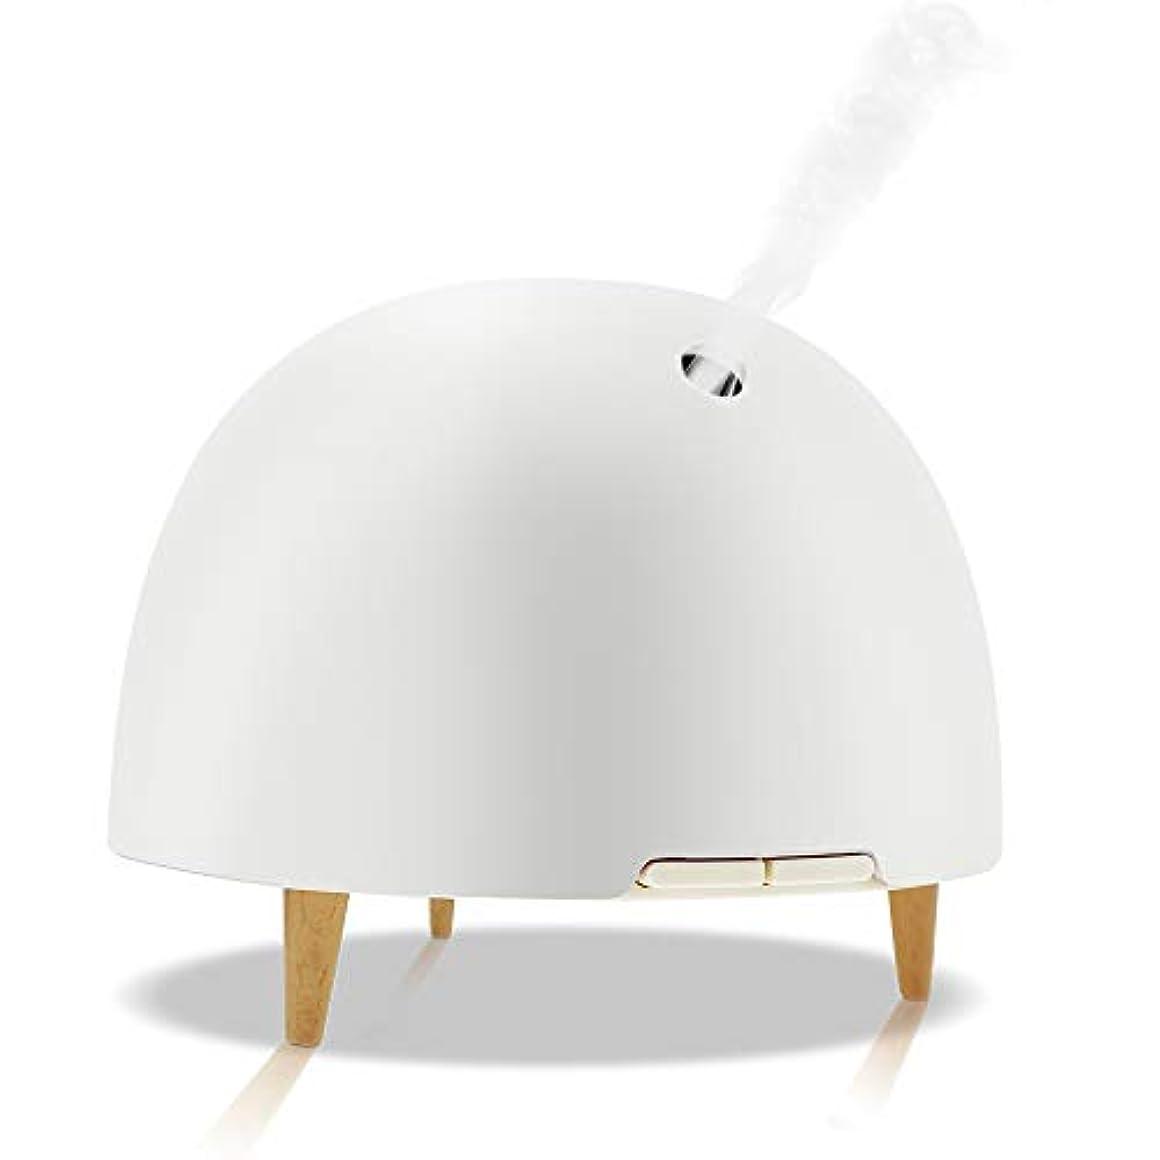 吸収不要いわゆる純粋なエッセンシャルオイルアロマテラピーマシン、アロマテラピーエッセンシャルオイルディフューザークールミスト加湿器7色ライト、家庭用、仕事,White